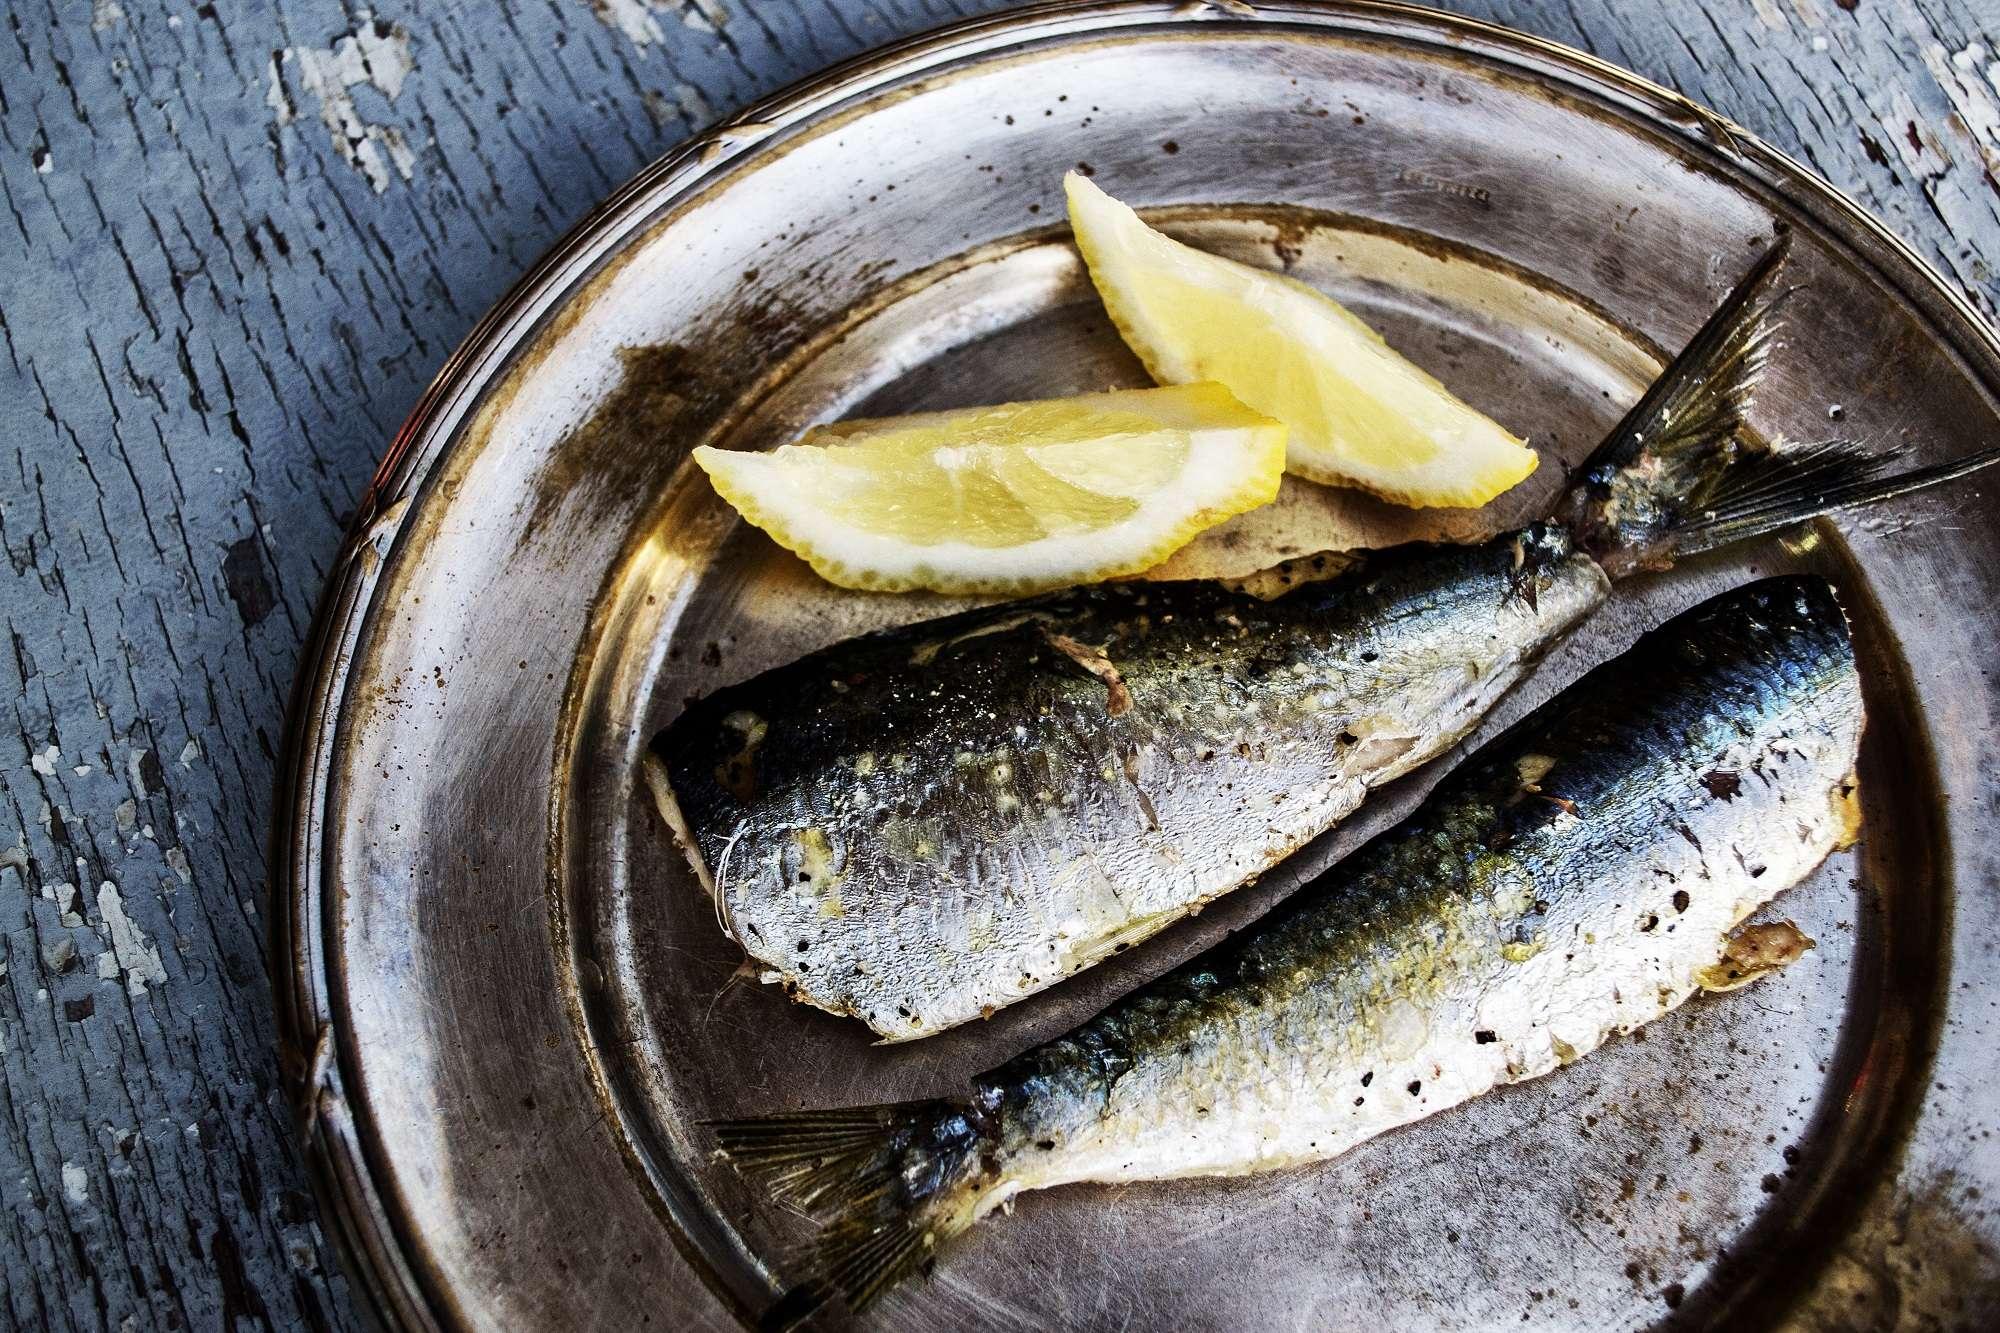 Riba kao izvor kalcija